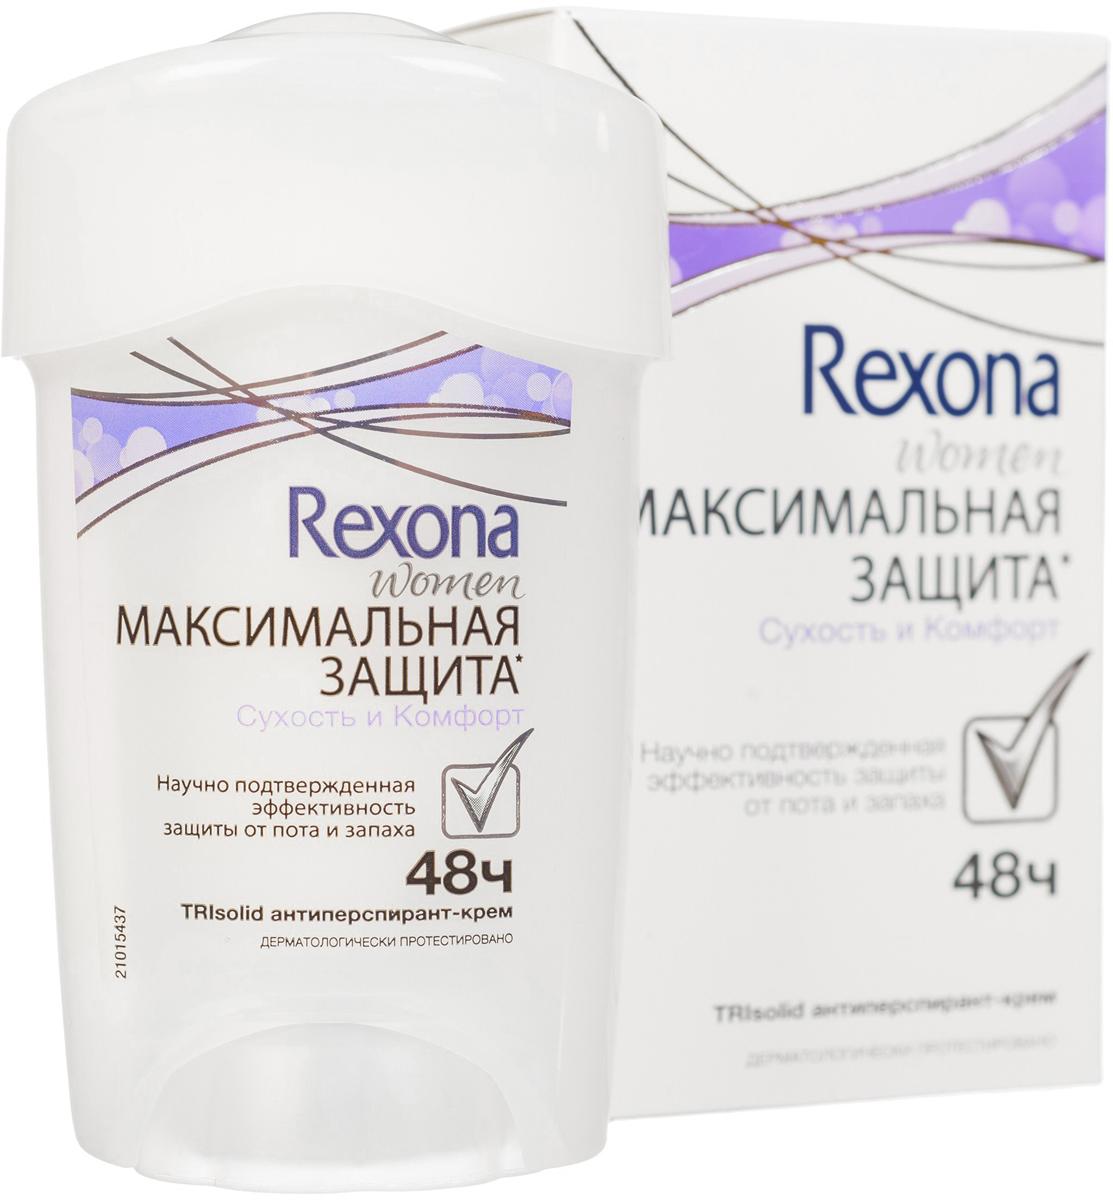 Rexona Антиперспирант крем Сухость и комфорт 45 мл21020371В состав антиперспирант-крема Rexona Максимальная Защита Абсолютная Уверенность входит компонент Диметикон - дополнительный увлажняющий ингредиент, защищающий и смягчающий кожу, который придает ей ощущение бархатистости. Истинно женственный аромат - цветочный букет с розой и жасмином в сочетании с нежными фруктовыми нотками и легким мускусным аккордом.